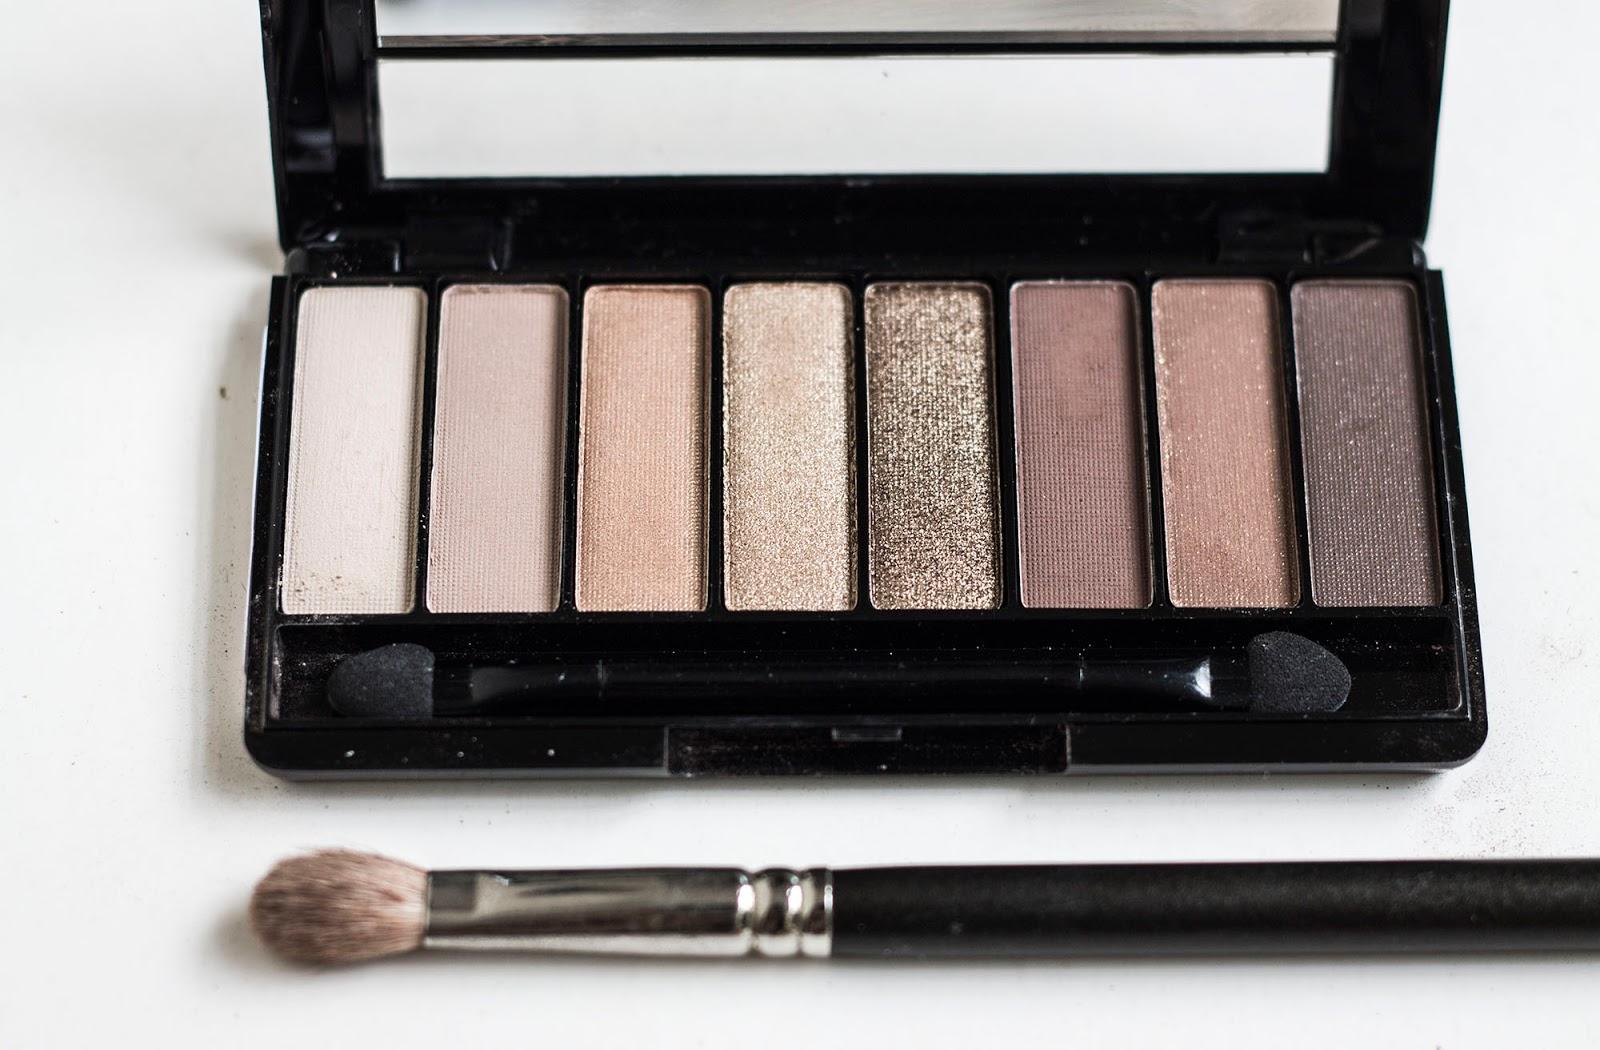 La nueva paleta Magnif´Eyes Eyeshadow se compone de 8 diferentes sombras compactas para lograr un maquillaje profesional. Se pueden utilizar en seco o ...